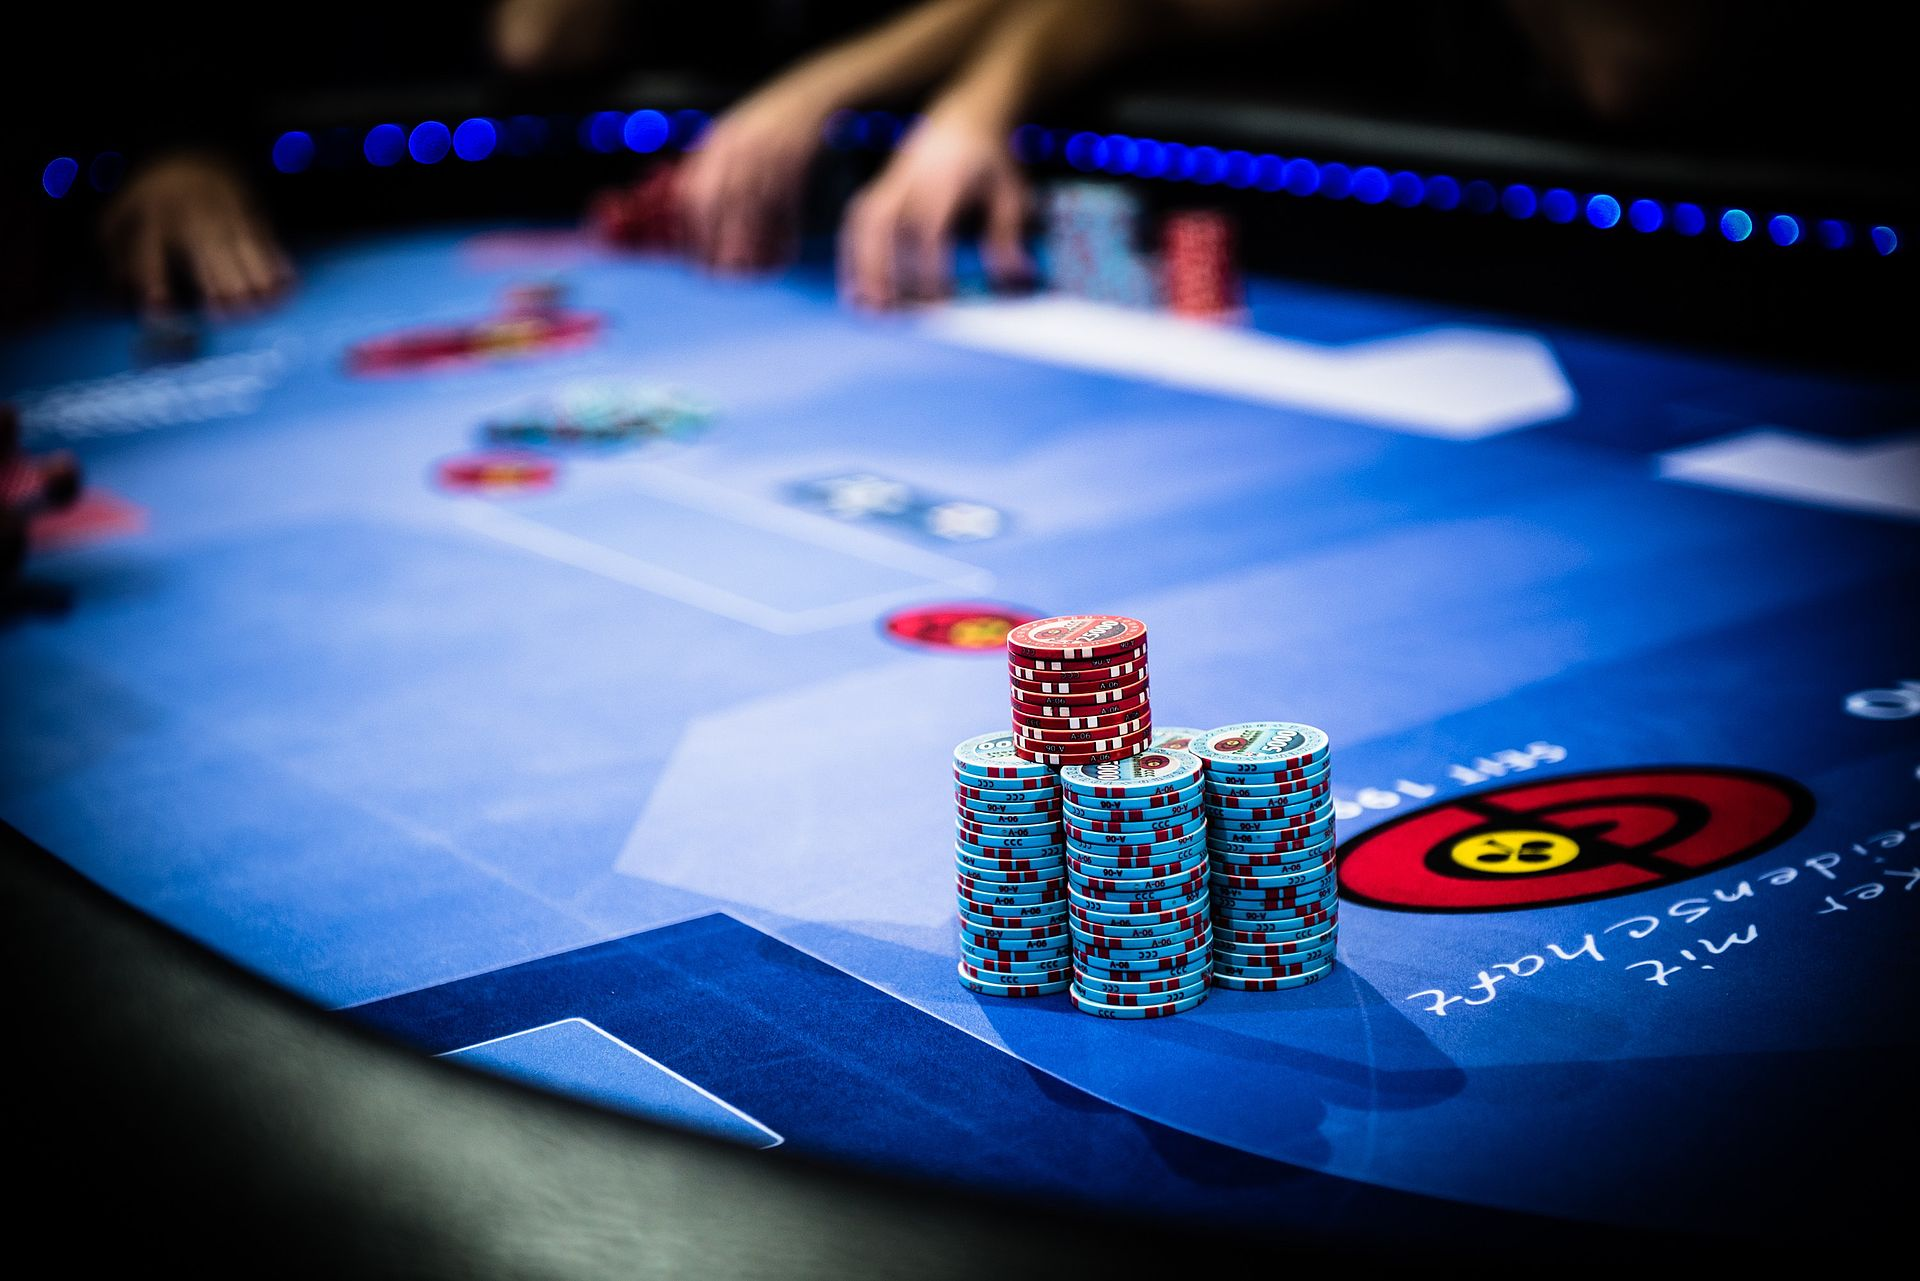 Закон об играх с выигрышем и казино законодательство республики армения